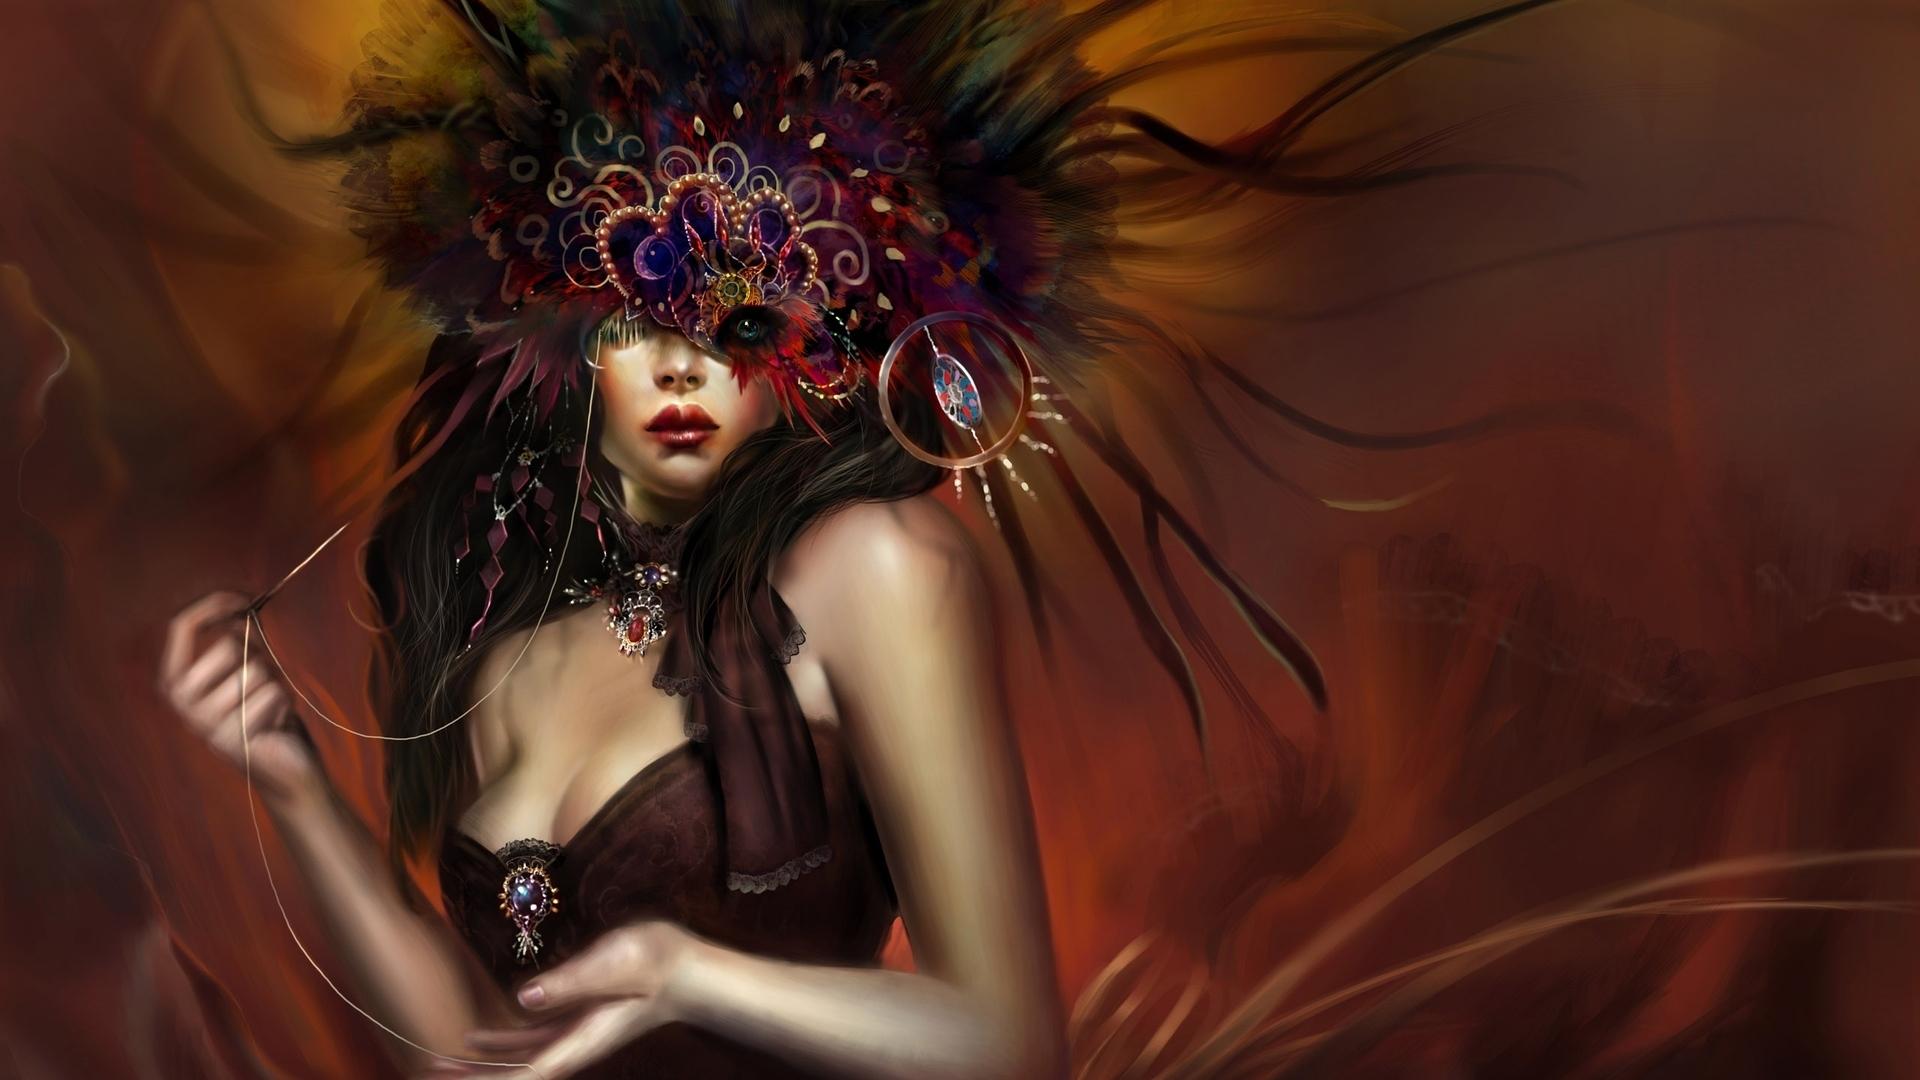 Красивые картинки мистических девушек